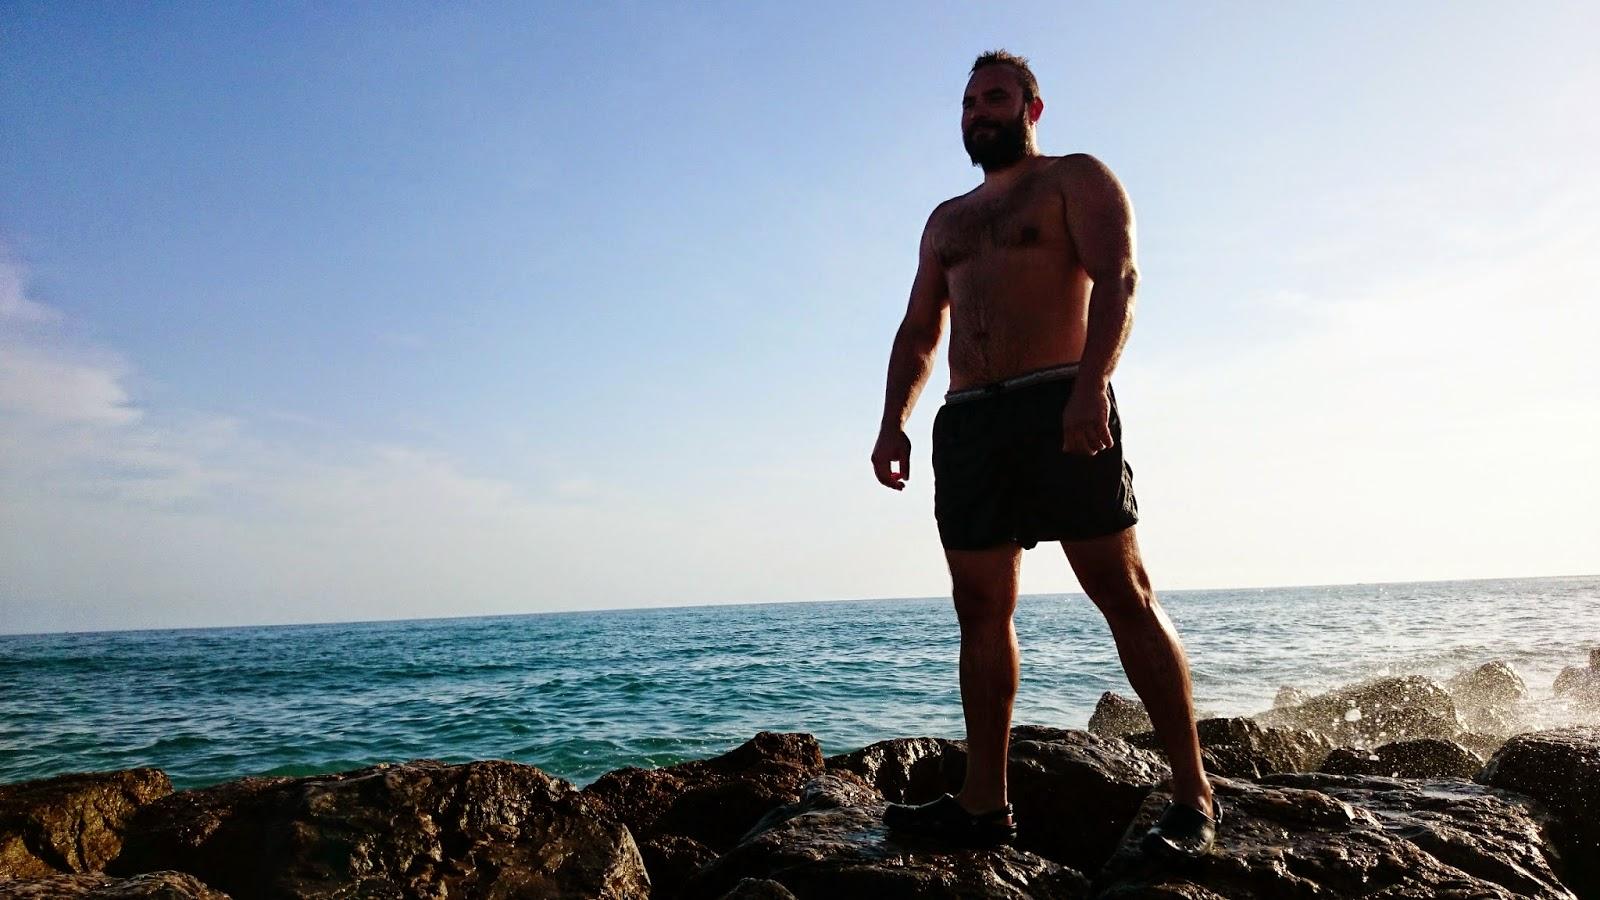 facet na skałach,skały,woda,artystyczne zdjęcia,kolor morza,jak ująć morze i skały,sylwetka na tle wody